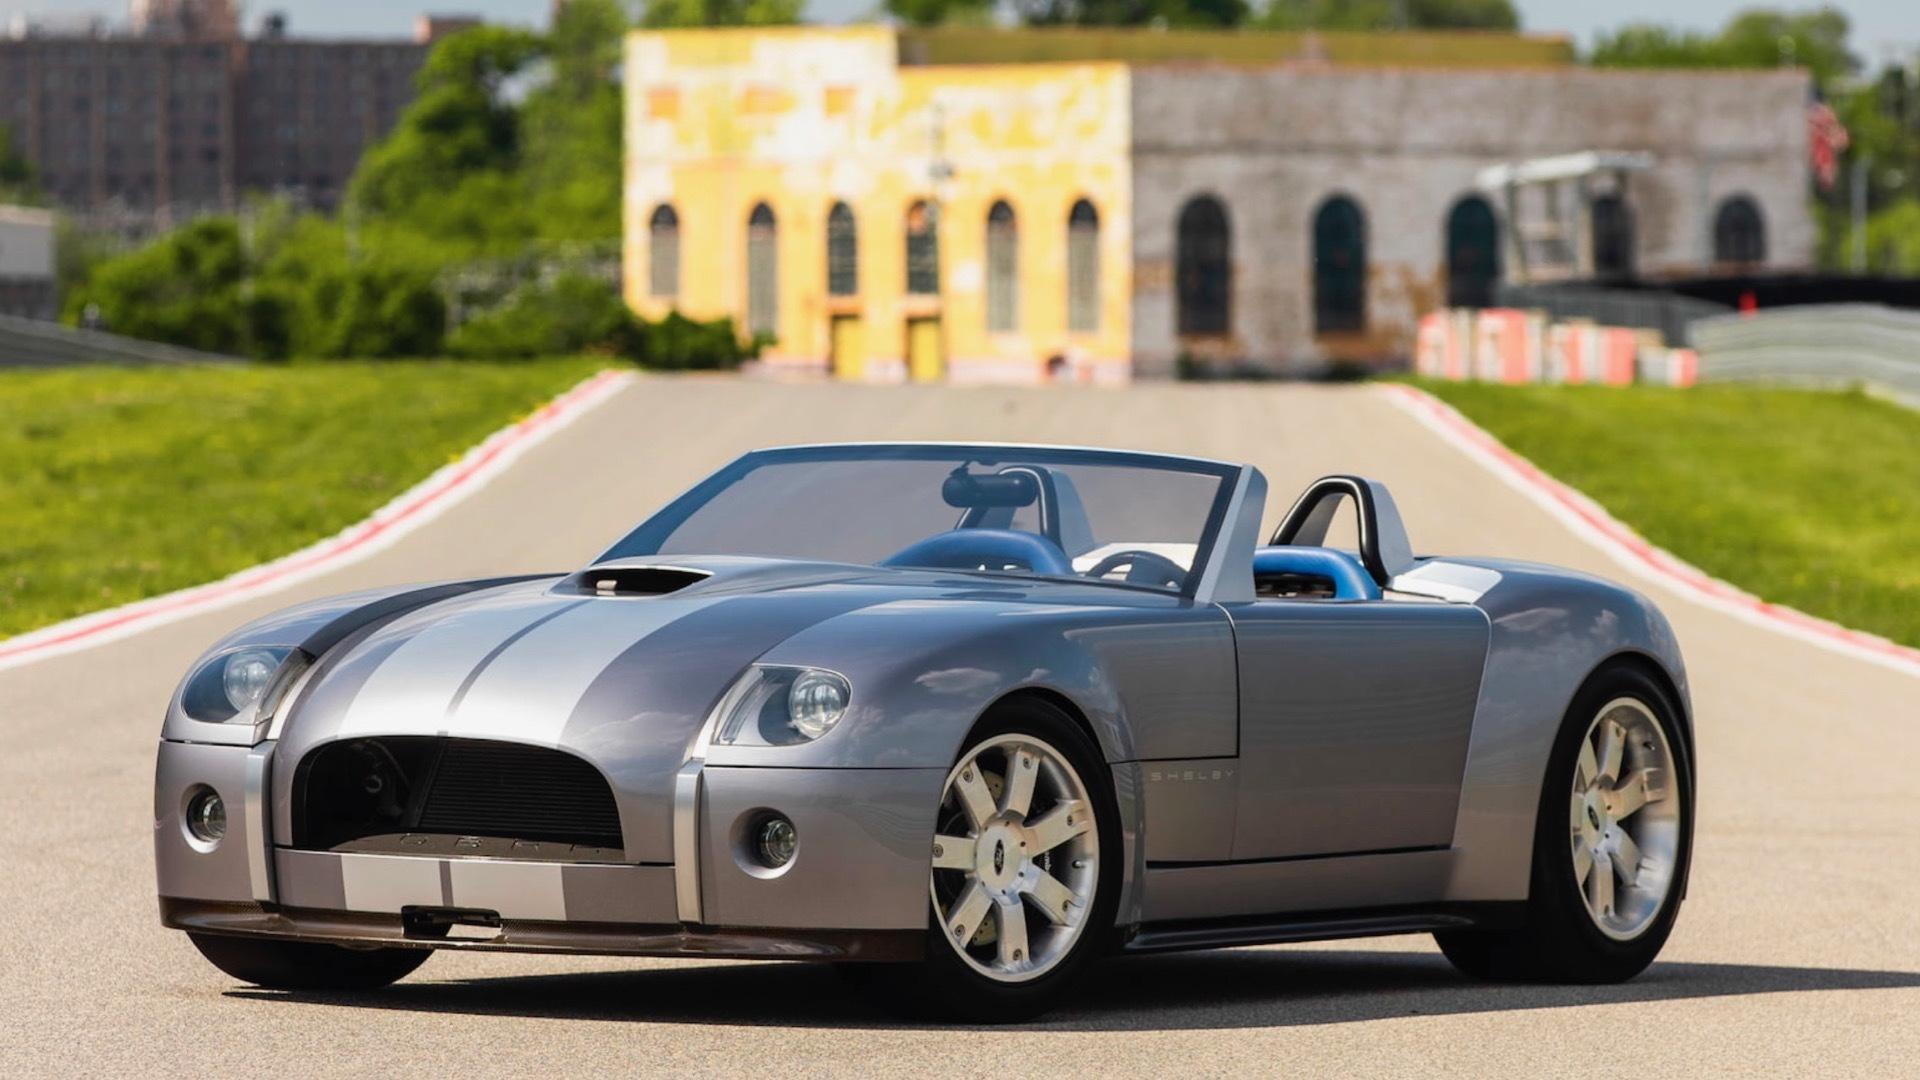 2004 Ford Shelby Cobra concept (Photo via Mecum Auctions)